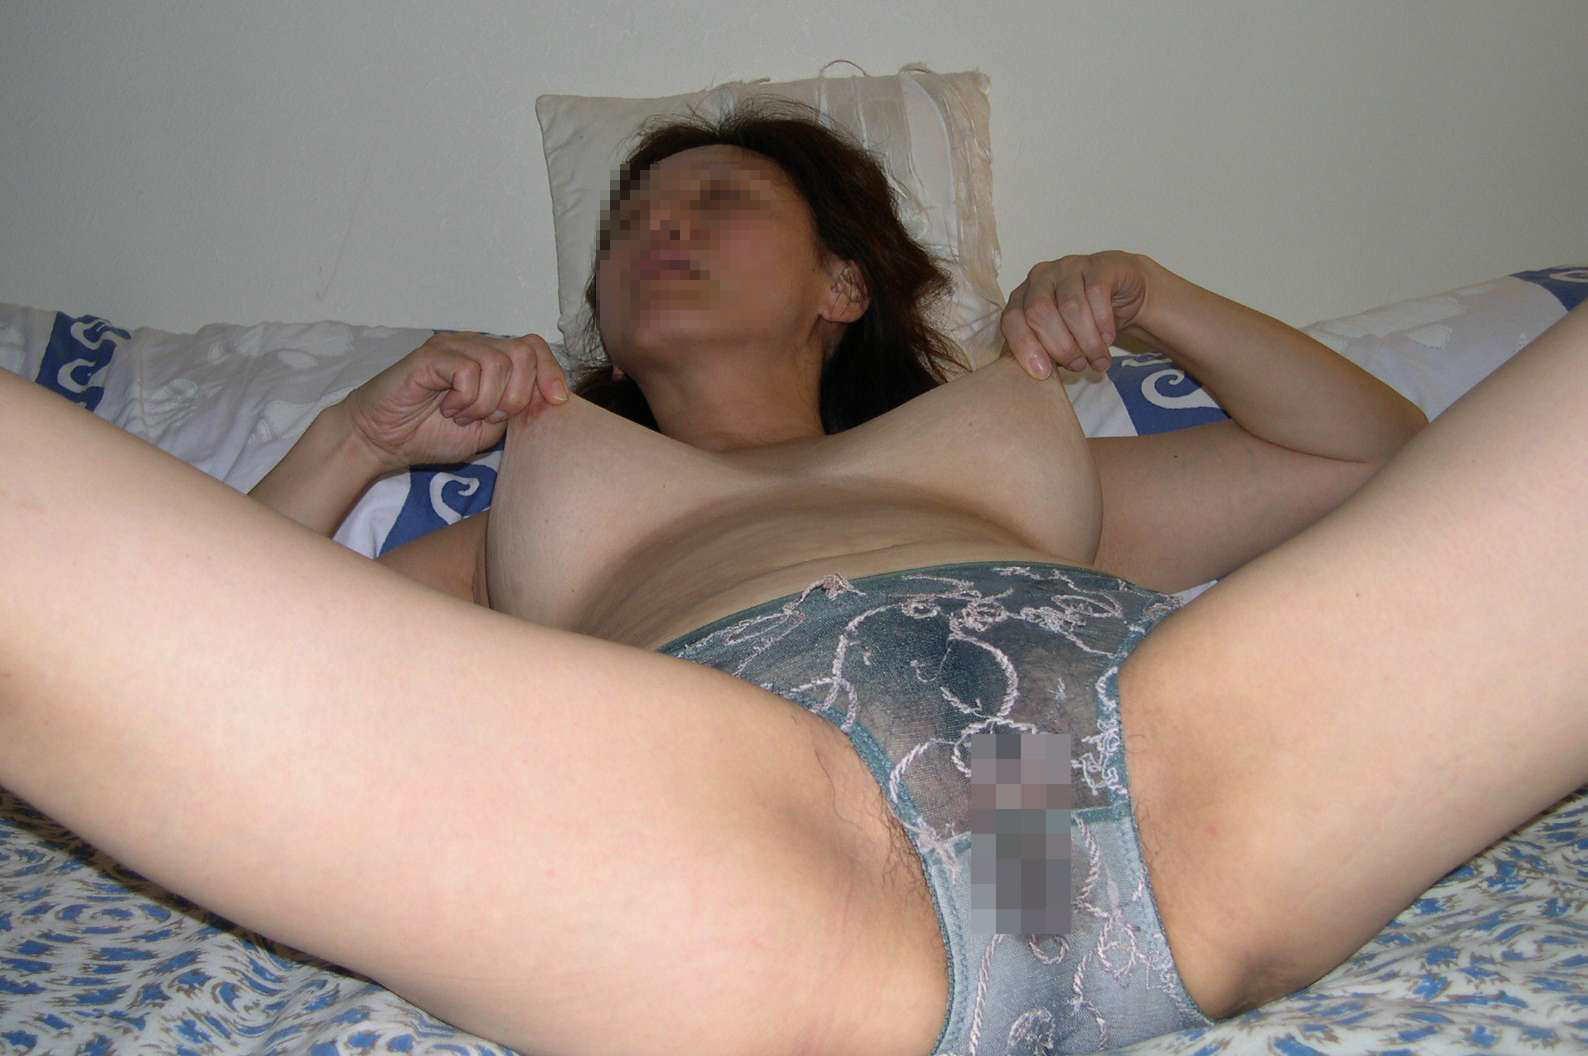 SEXする前からマン汁パンツがビッショリ熟女妻の下着姿がwww奥さんヤル氣マンマンだねぇーwww 2552